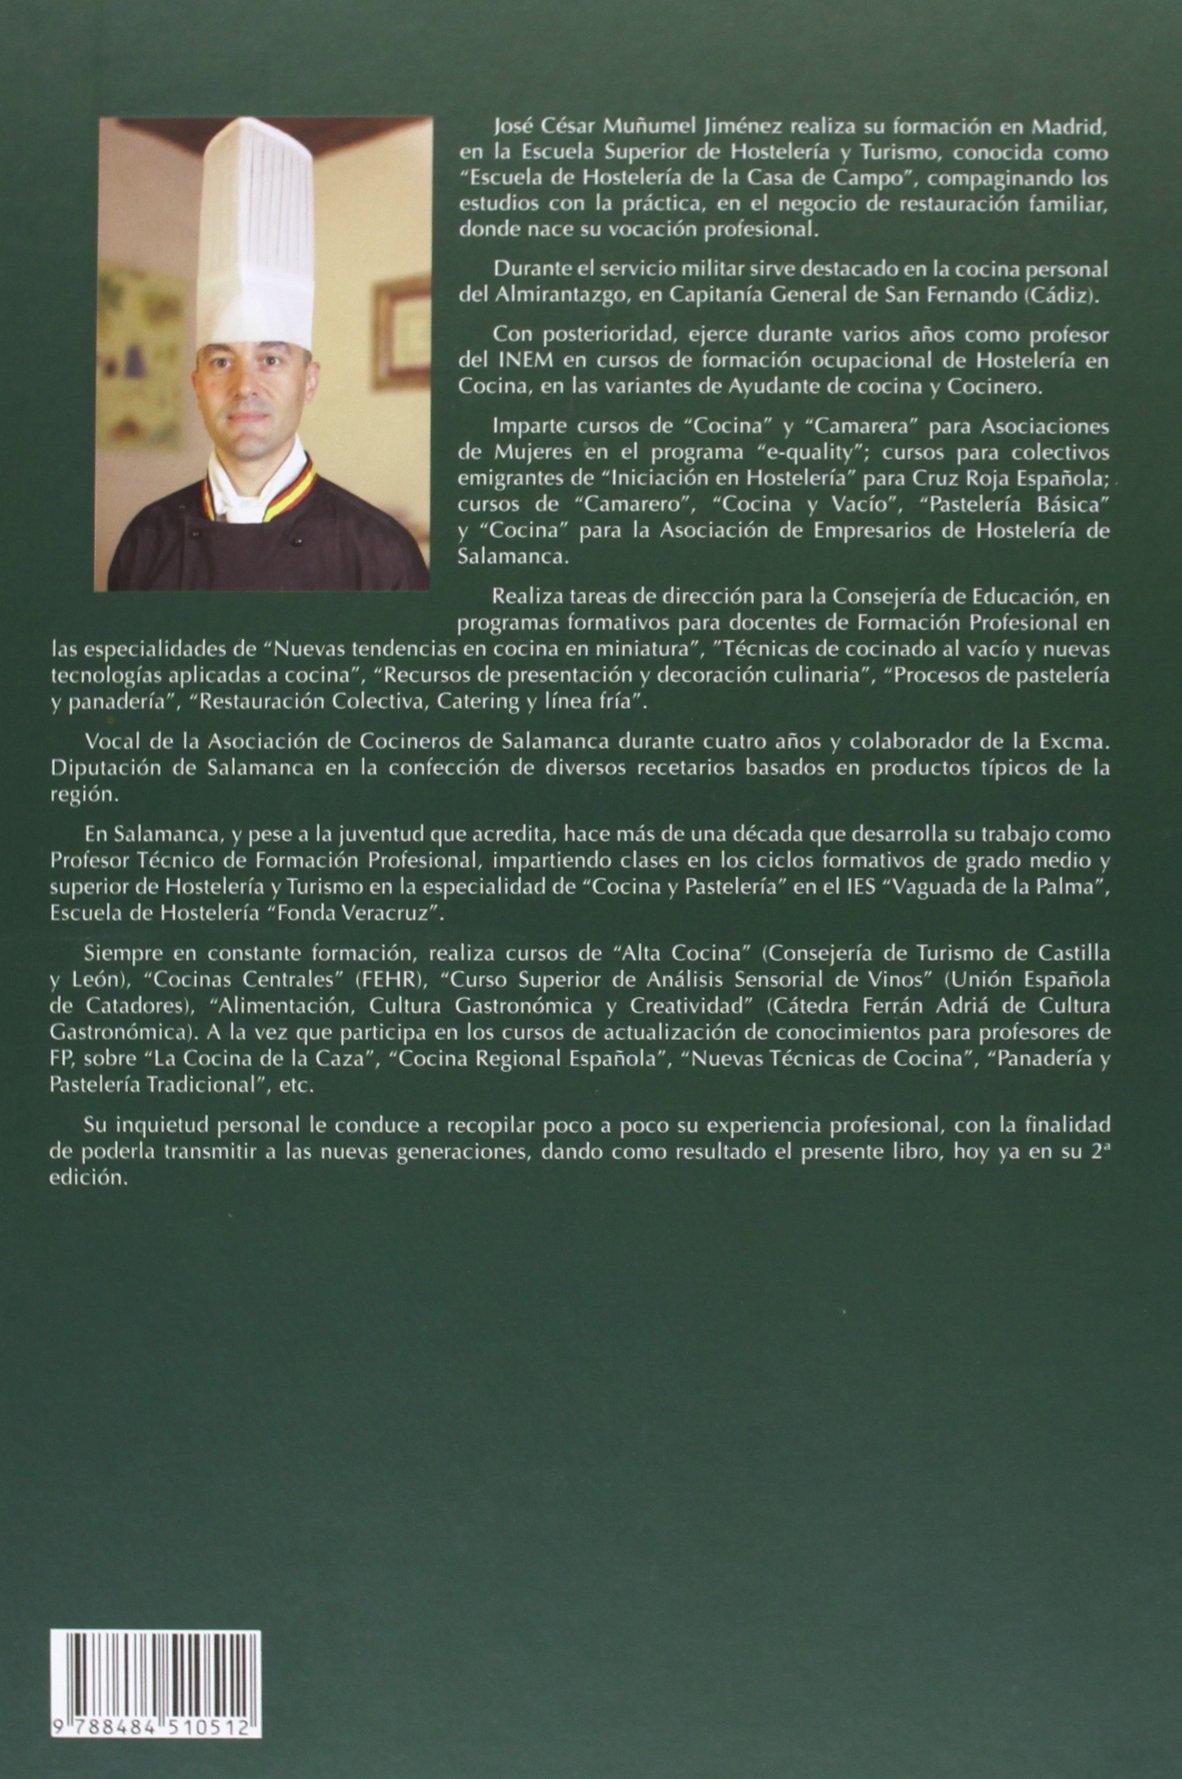 Fp Cocina Madrid   Cocina Preelaboracion Y Conservacion Hosteleria Amazon Es